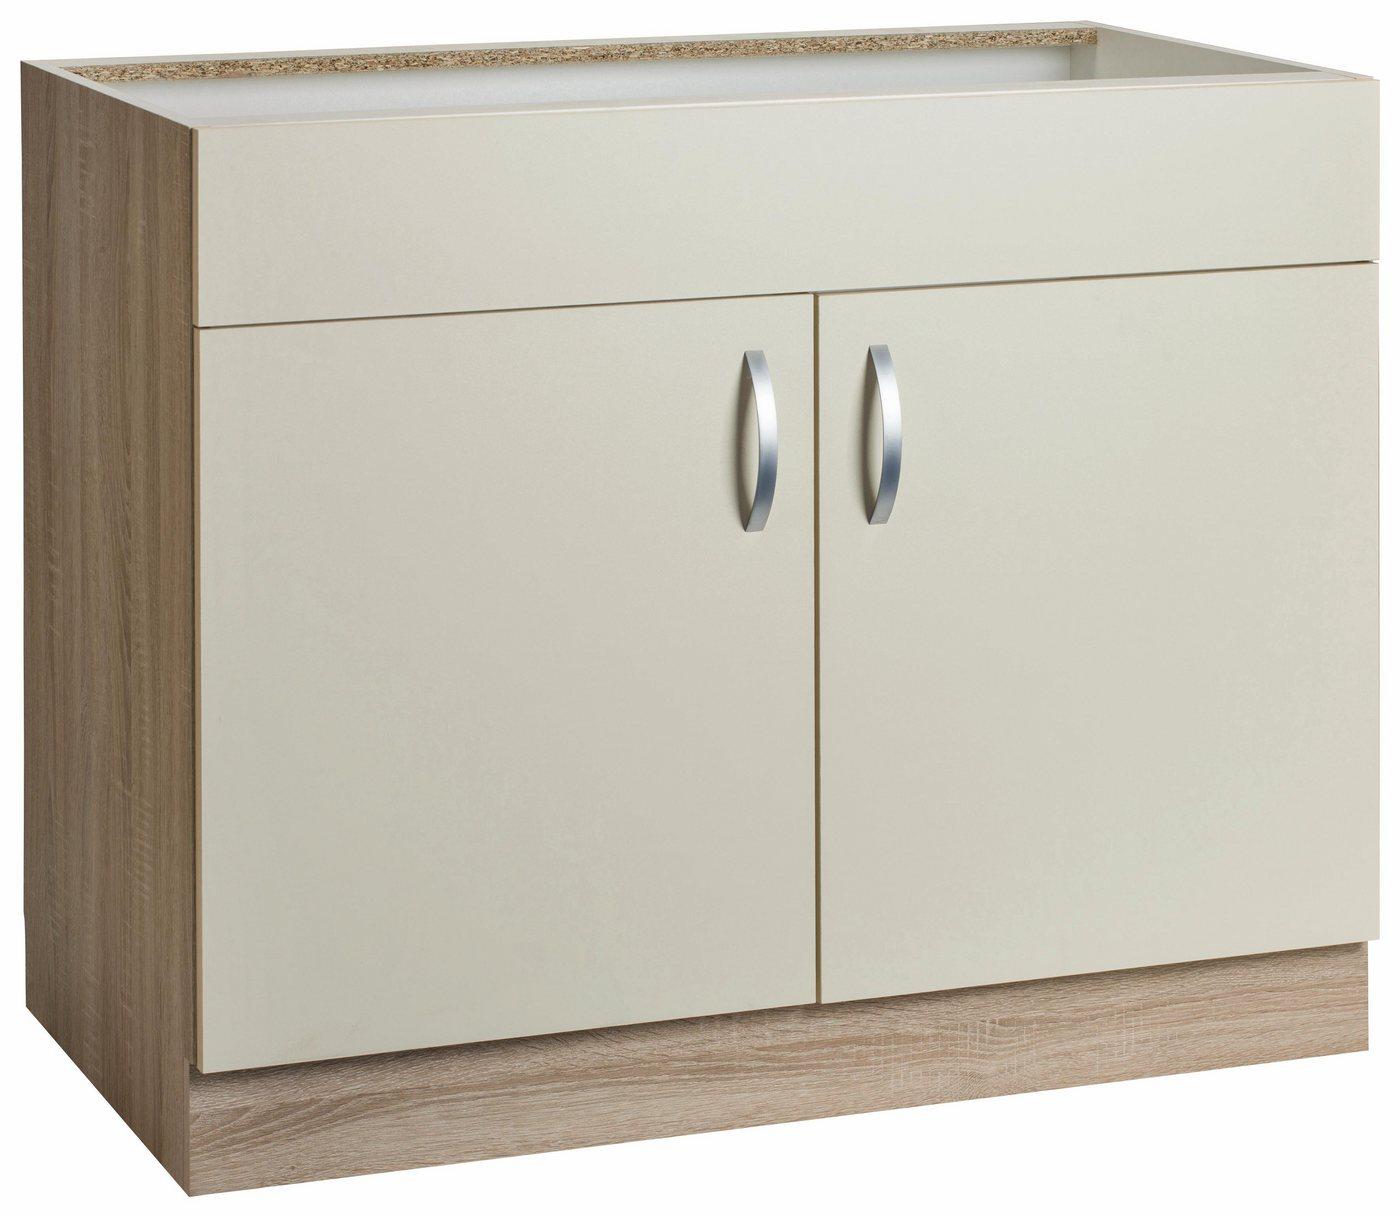 Spülenschrank »Flexi«, Breite 100 cm | Küche und Esszimmer > Küchenschränke > Spülenschränke | Gelb | Melamin | wiho Küchen